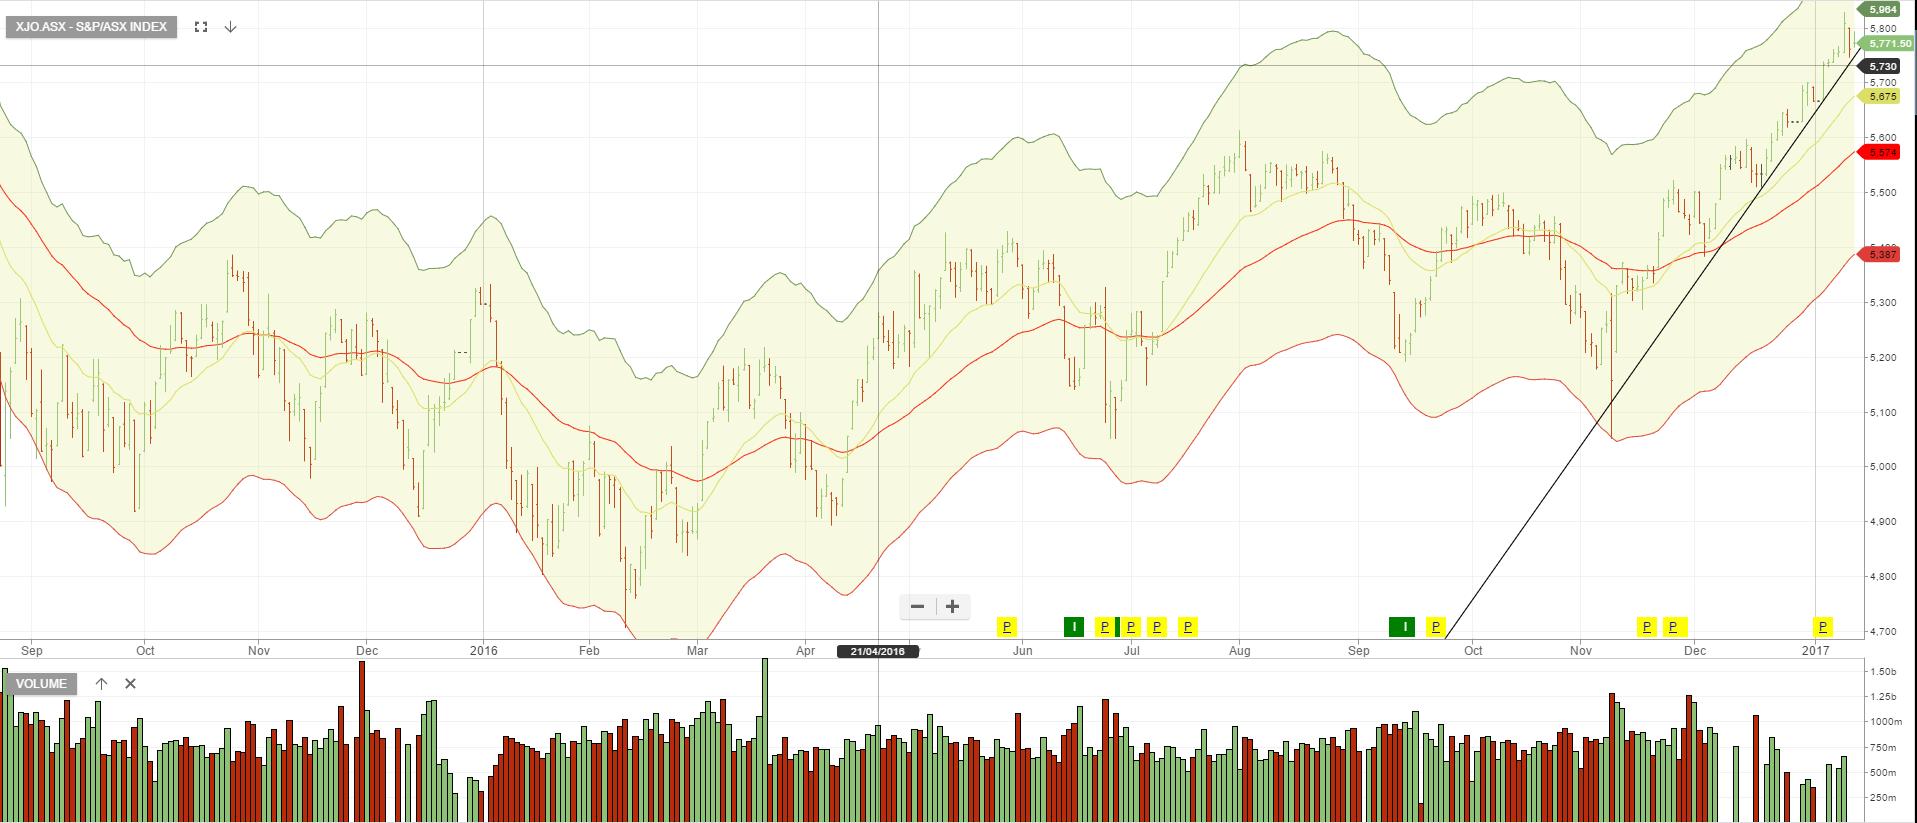 Investor Signals